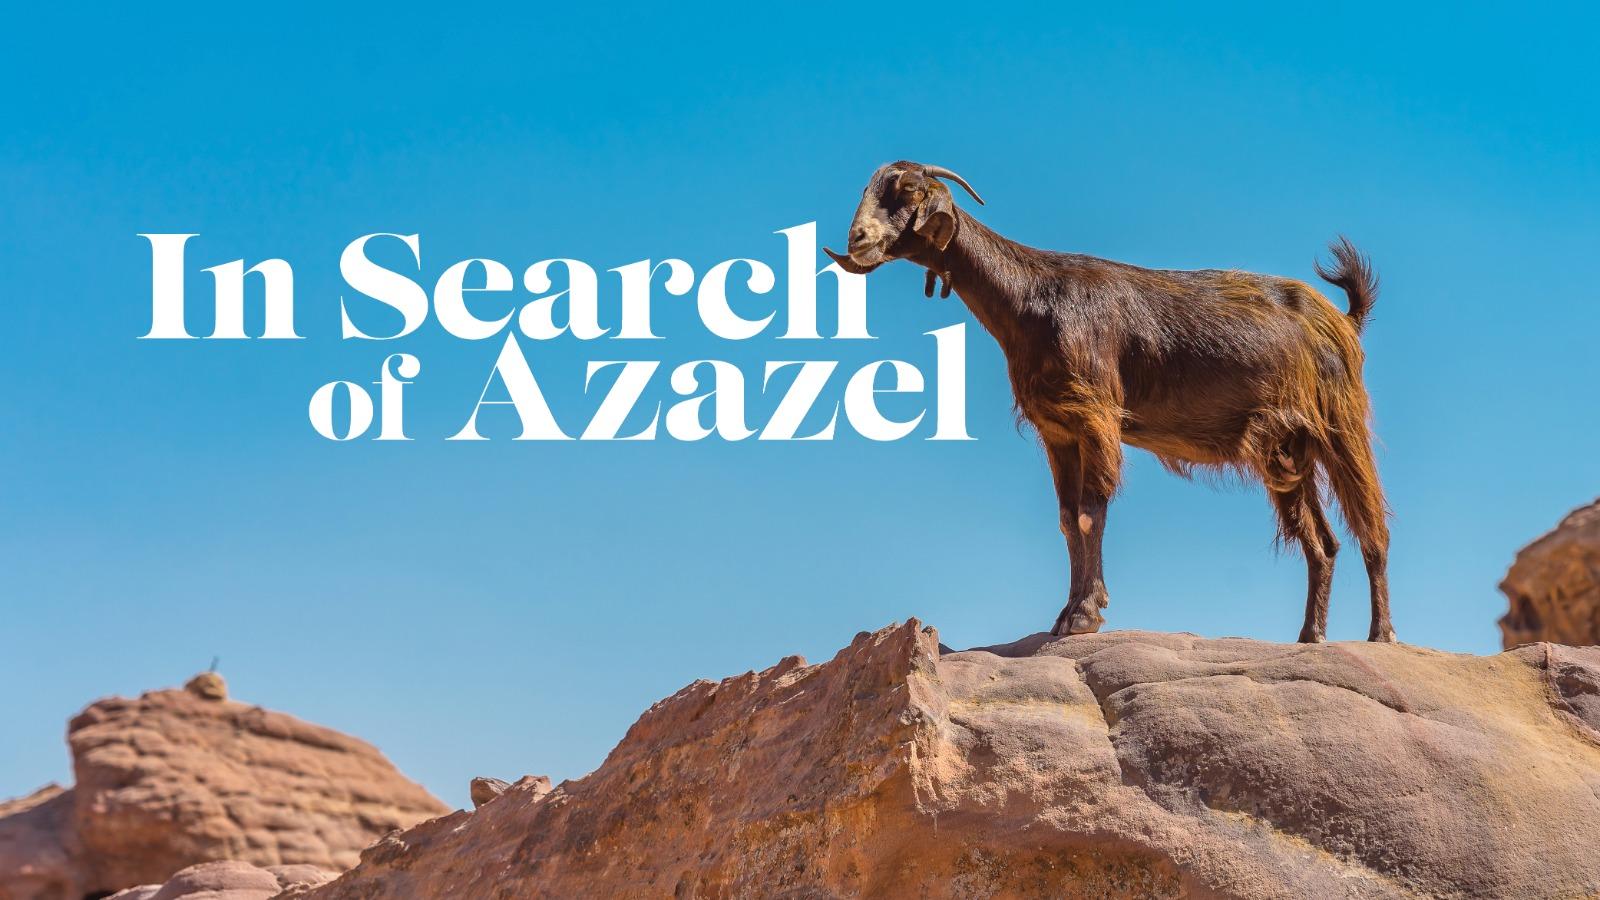 In Search of Azazel